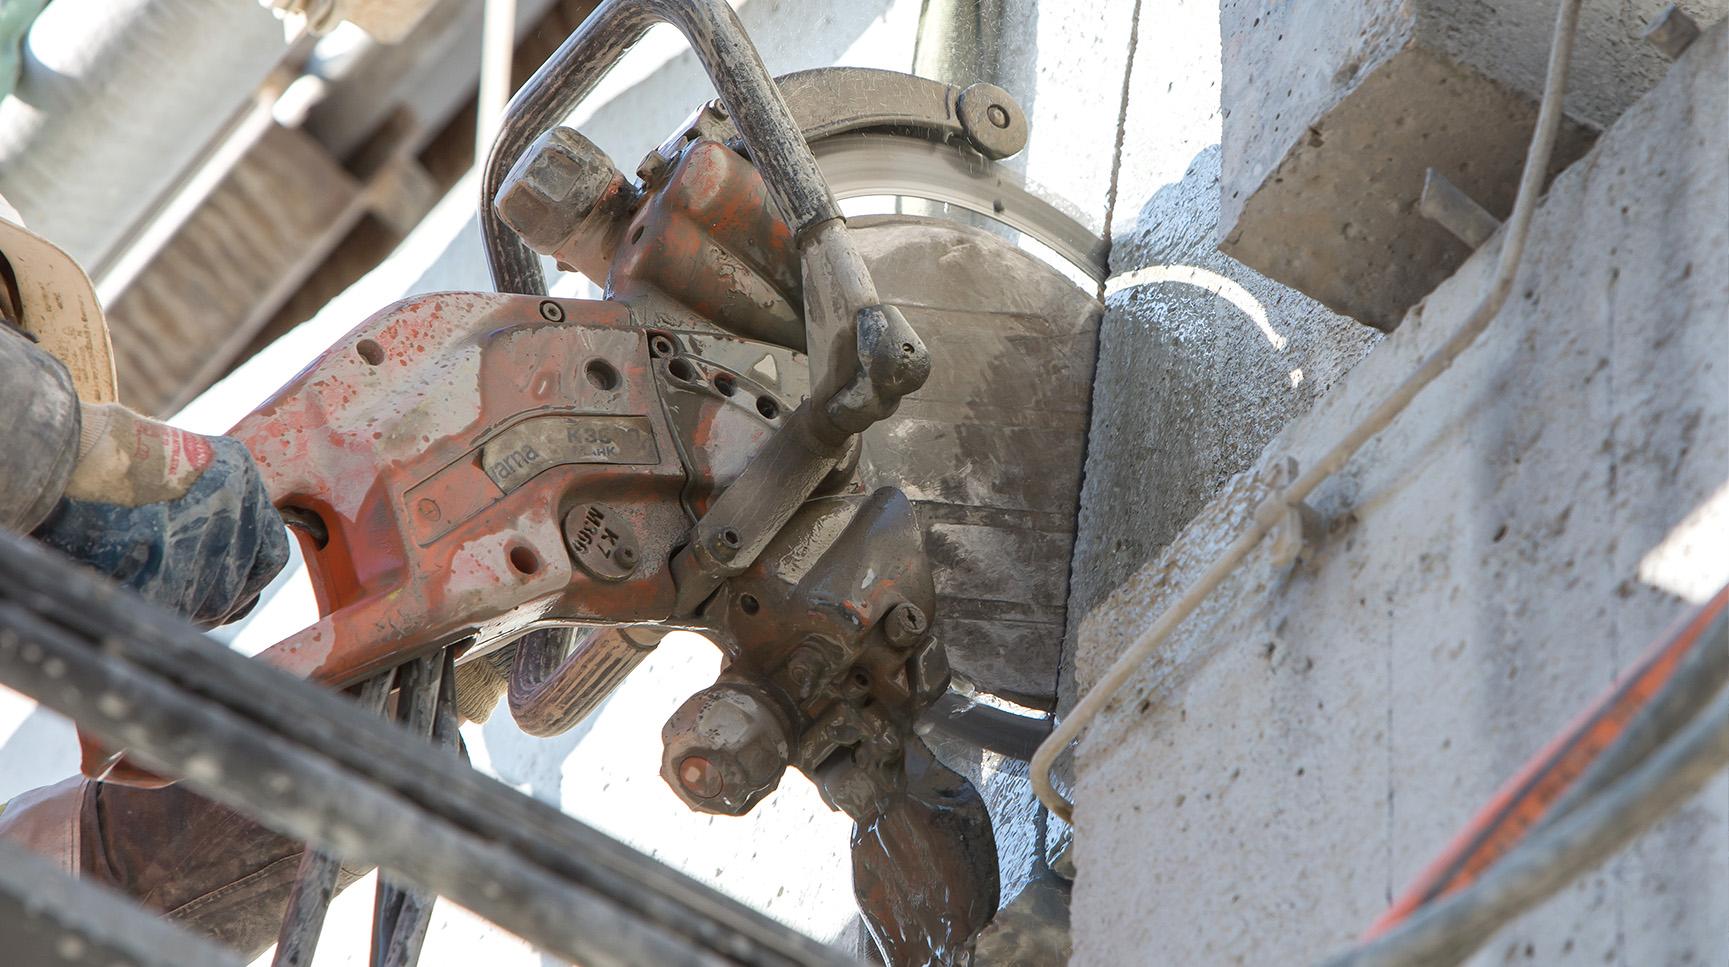 Teilrückbau Rohrbrücke: Ein Betonbauteil wird geschnitten